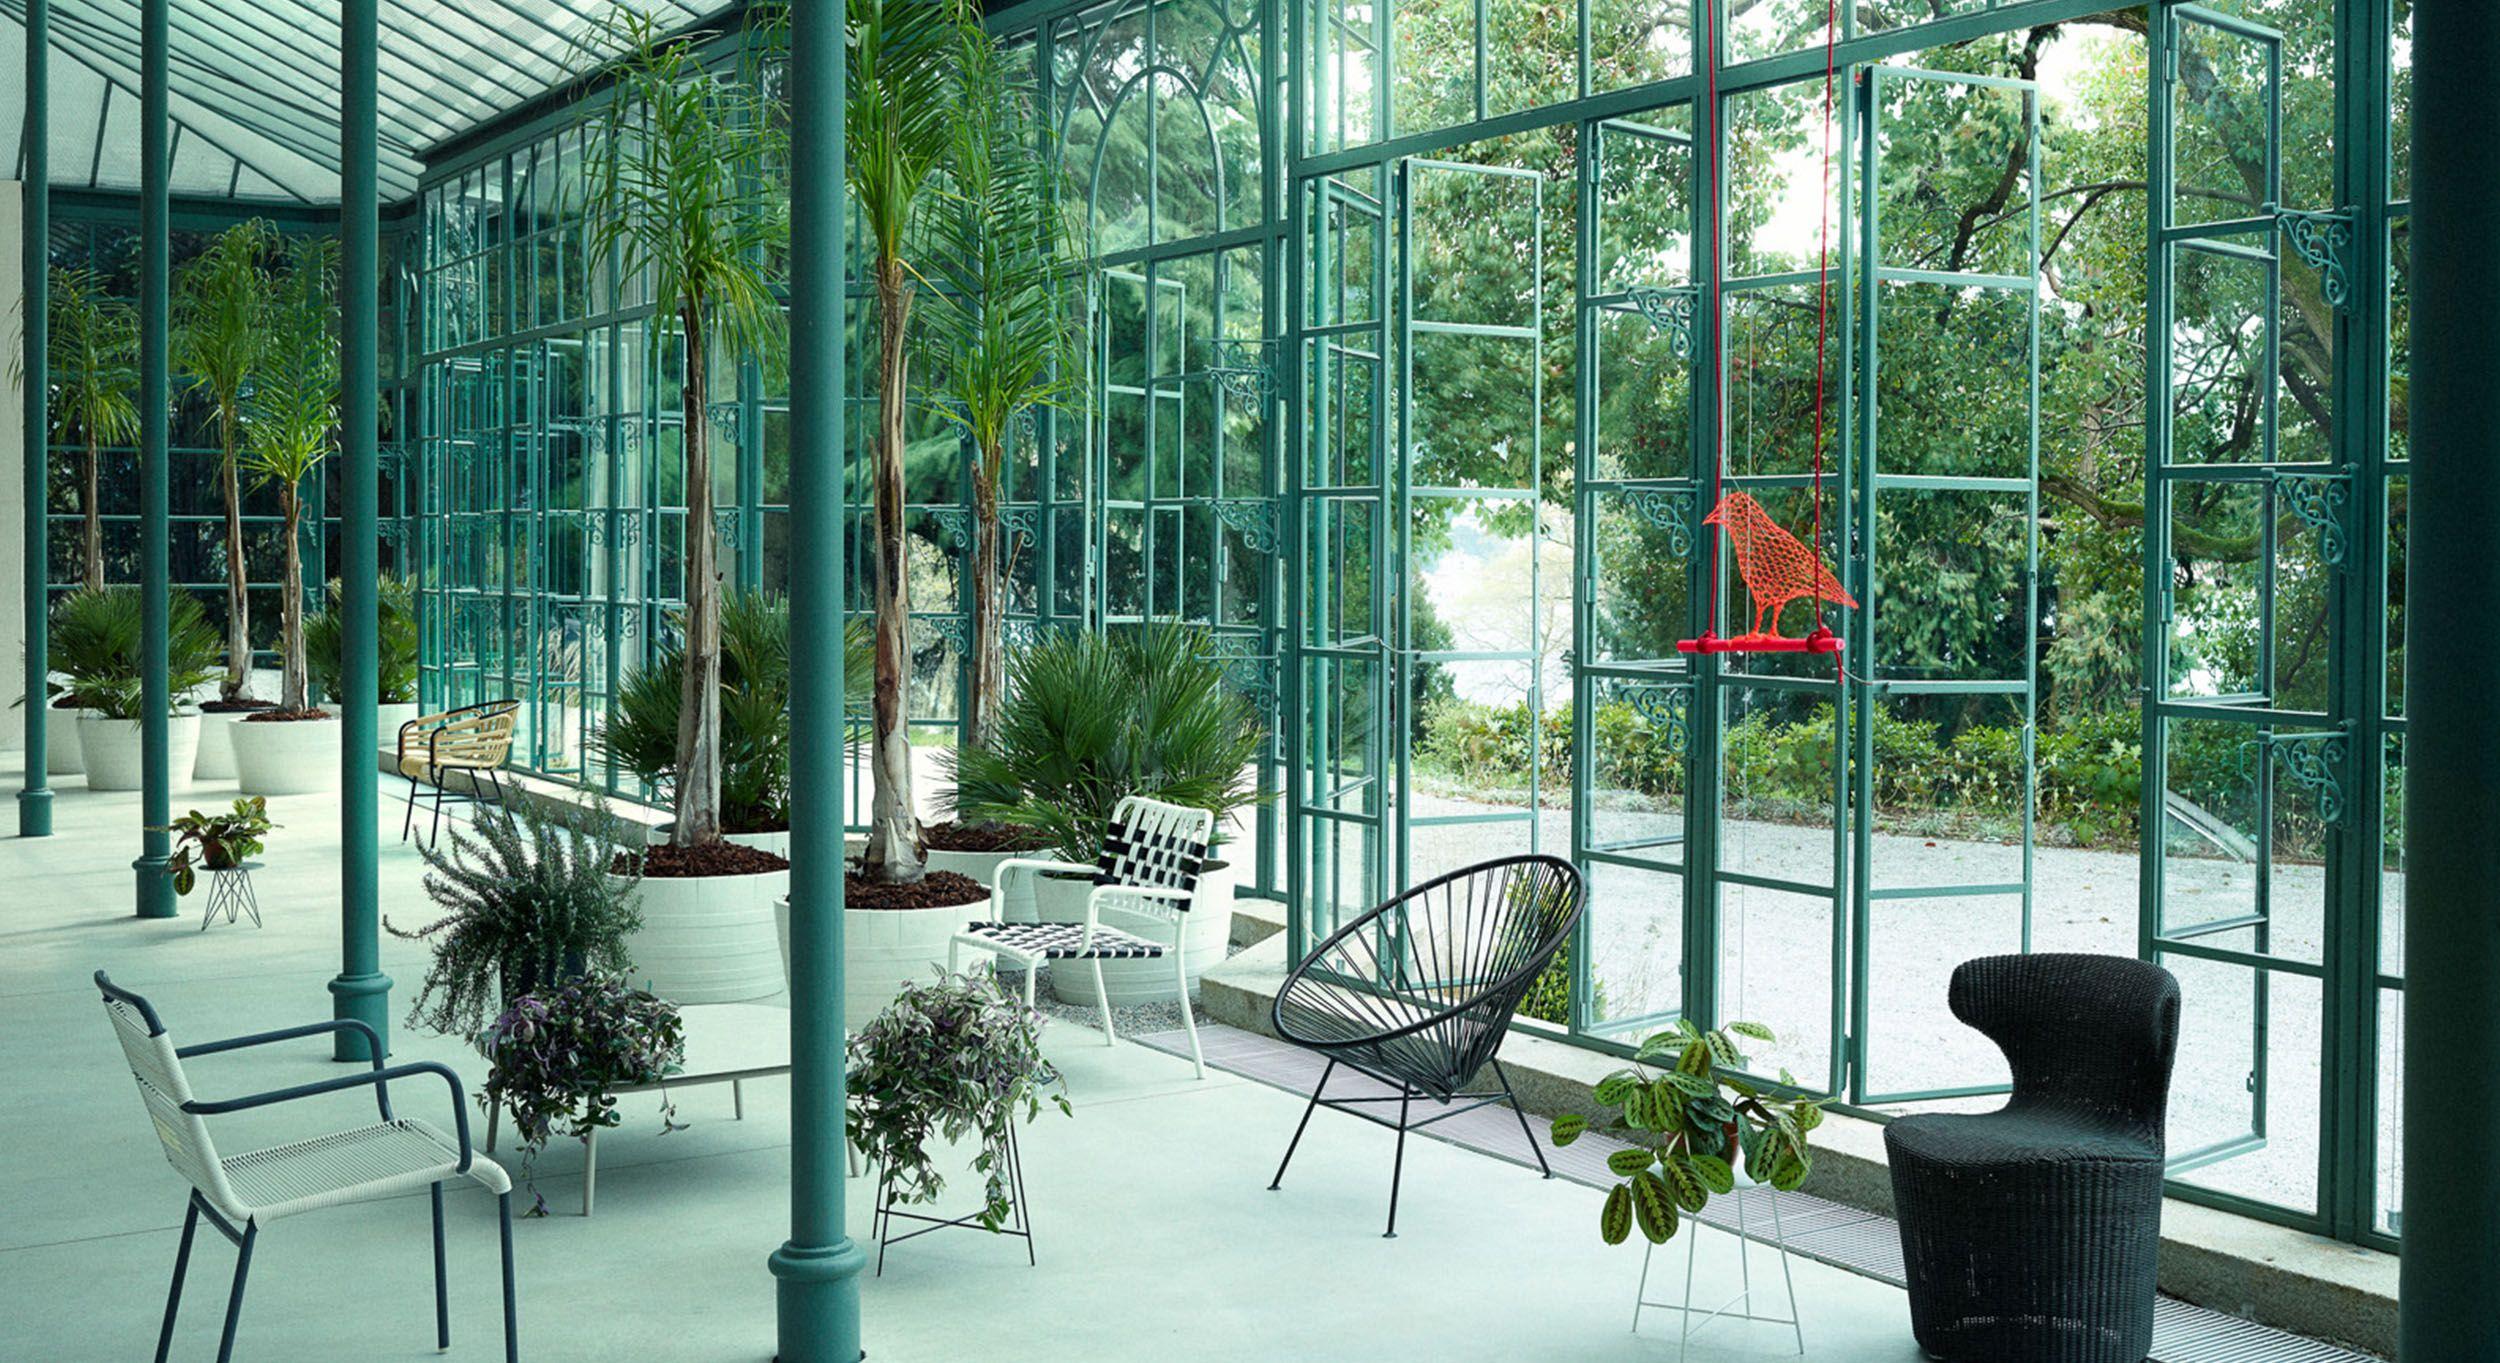 Jardin d 39 hiver ambiance botanique et vert meraude for Jardin botanique hiver 2015